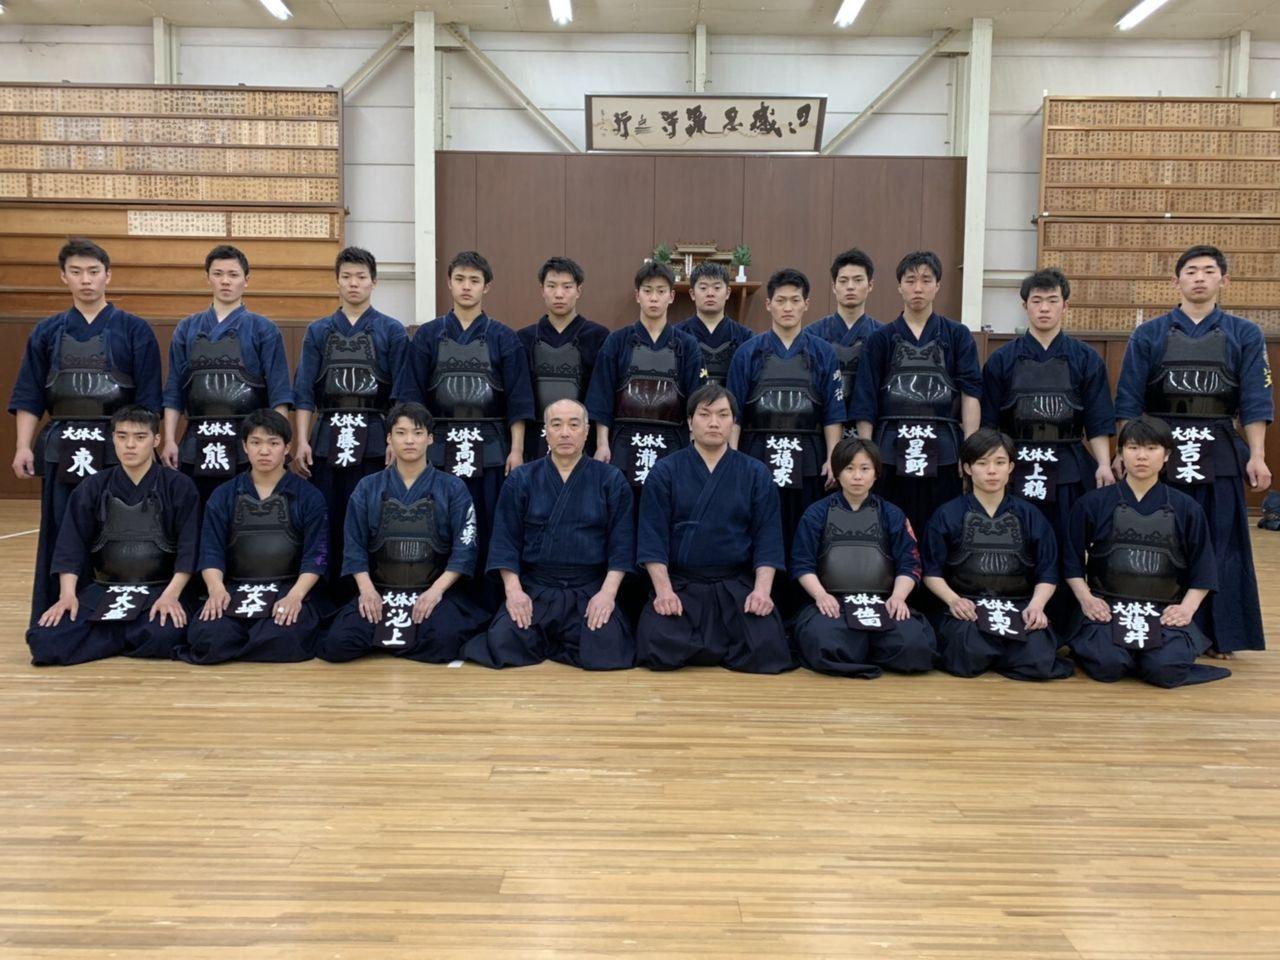 大阪 体育 大学 入学 式